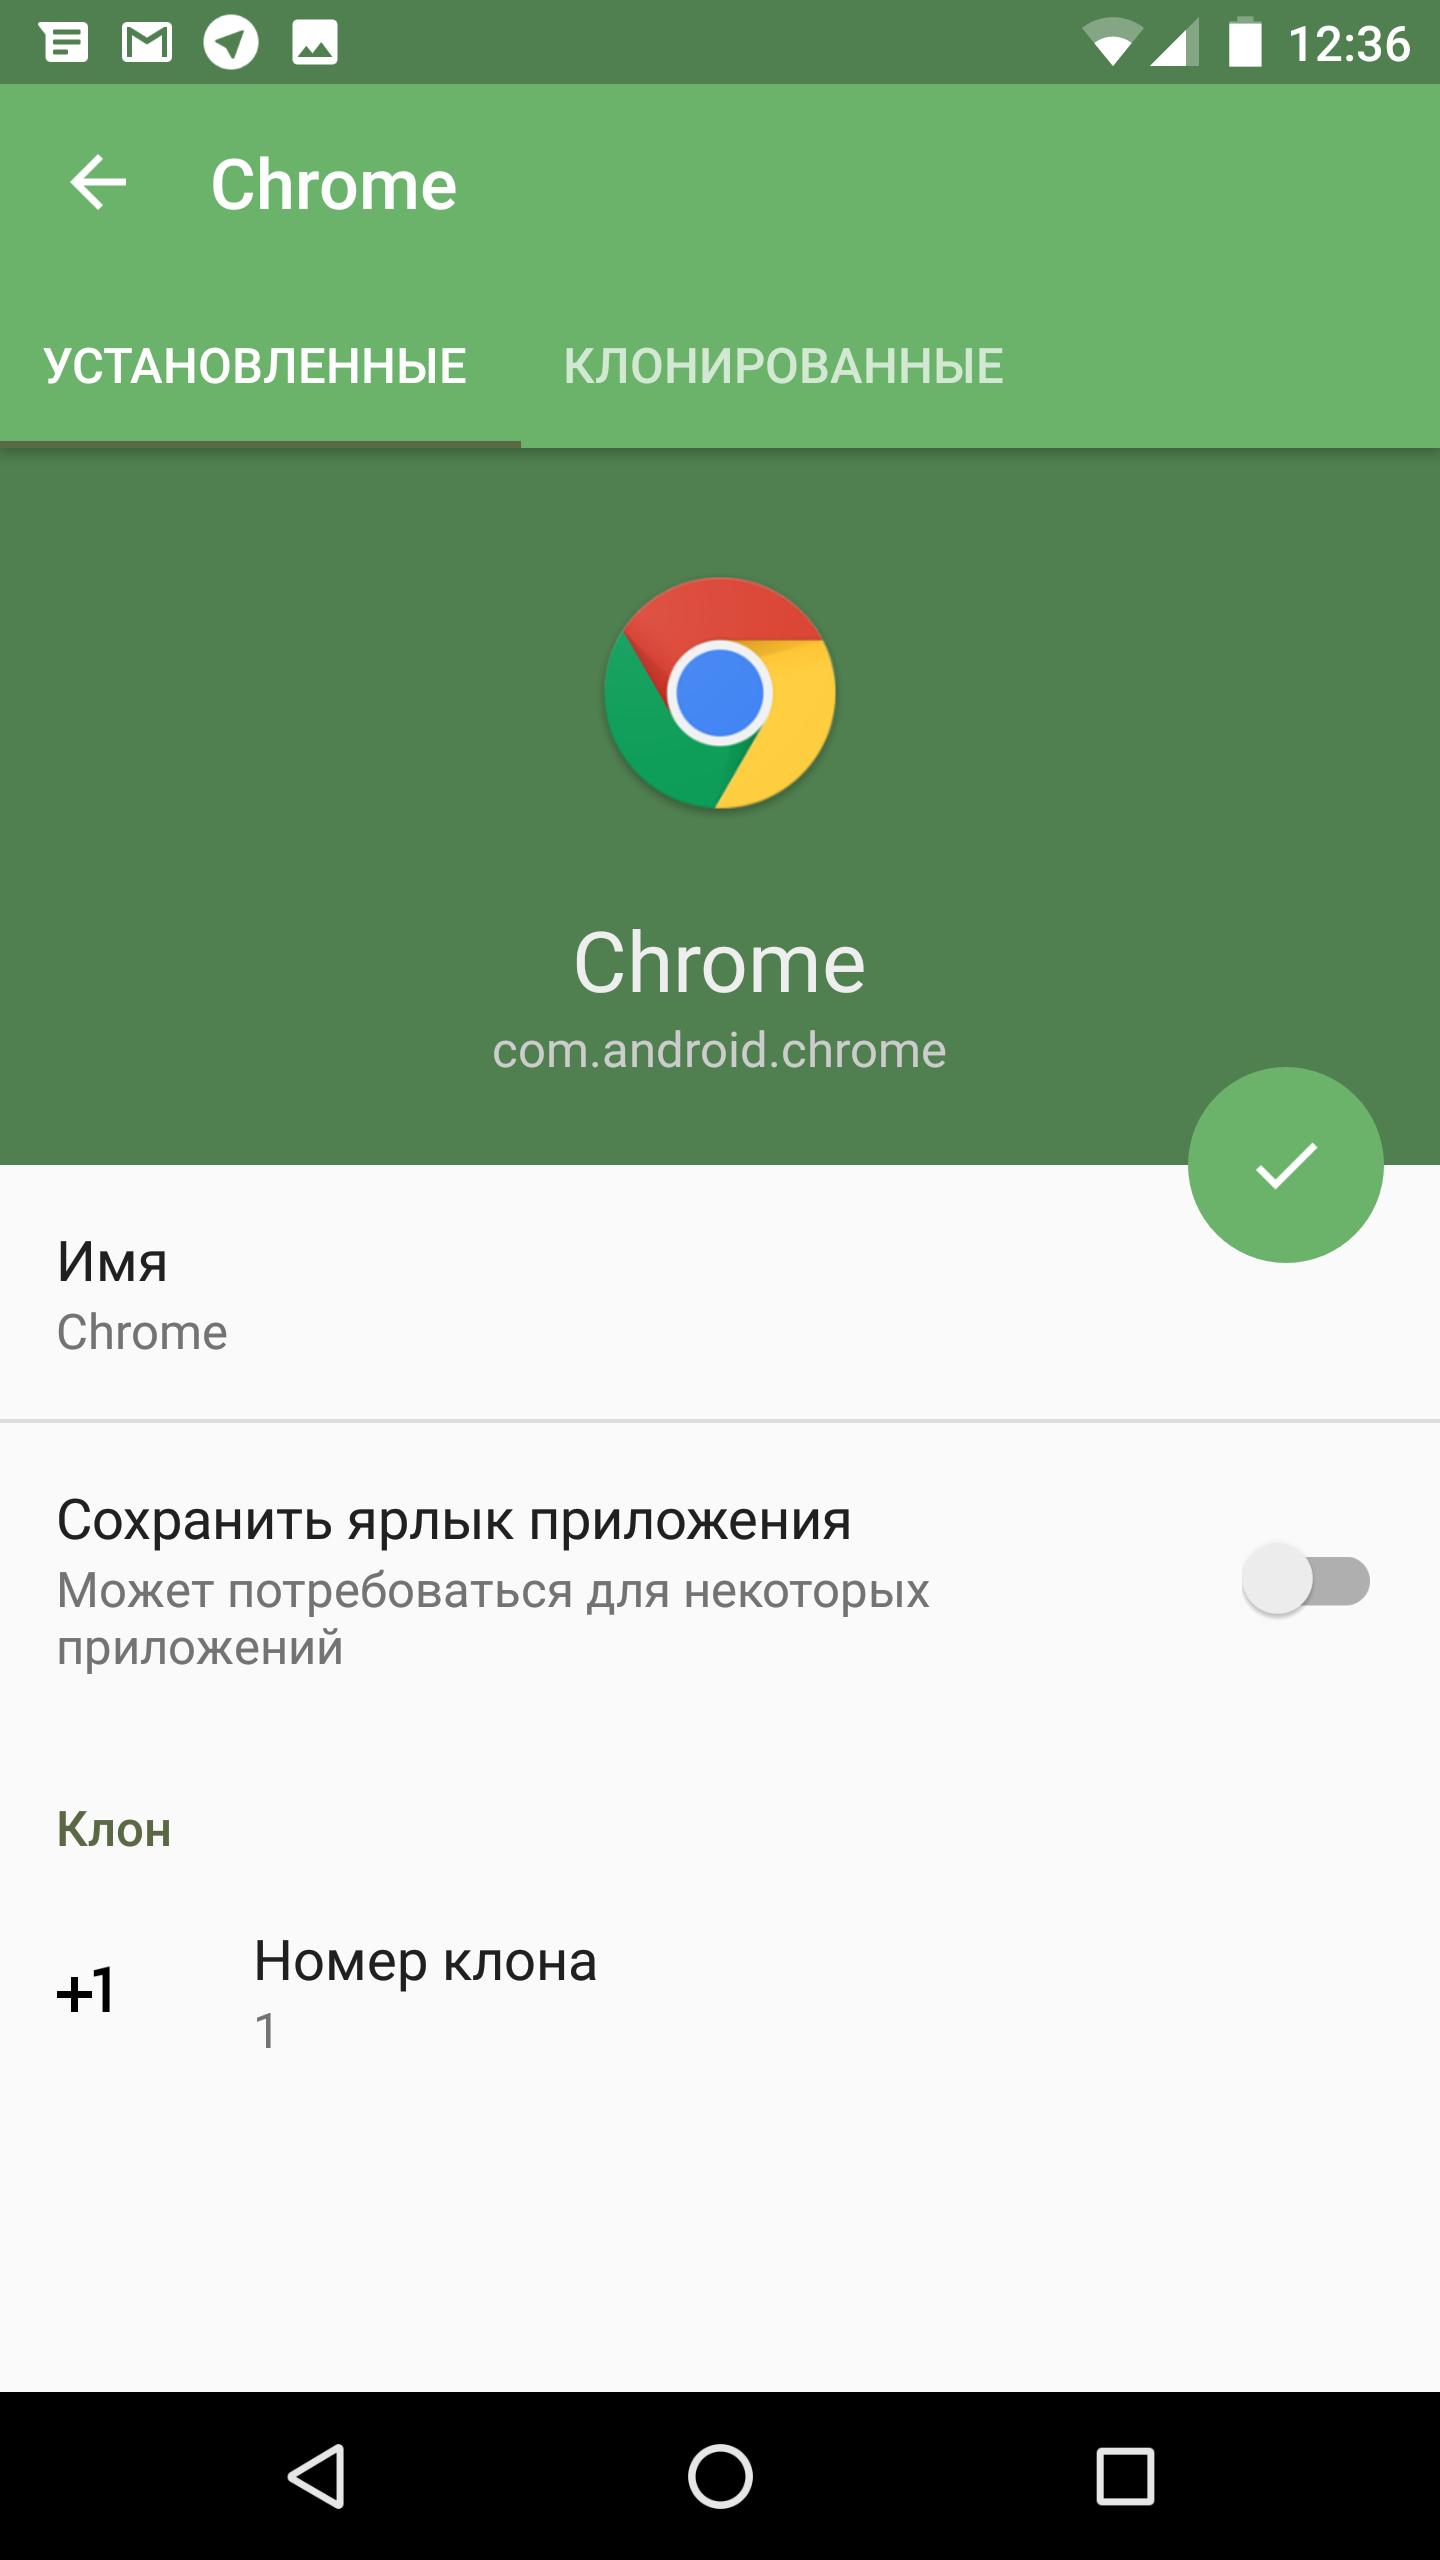 CopyBrowser - приложение для клонирования мобильных браузеров